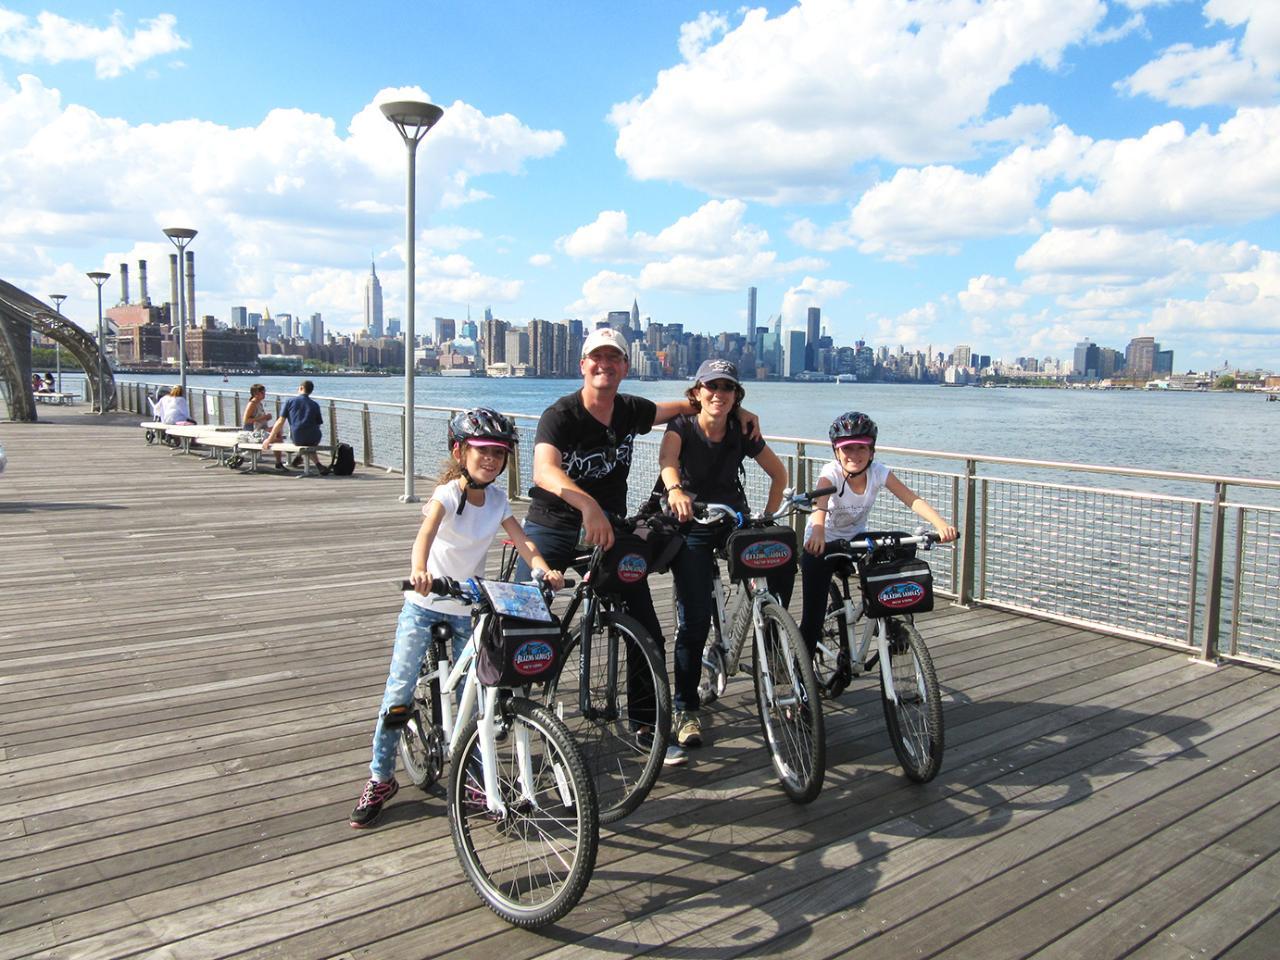 3H30 - A la découverte en vélo du Williamsburg bridge au Brooklyn bridge